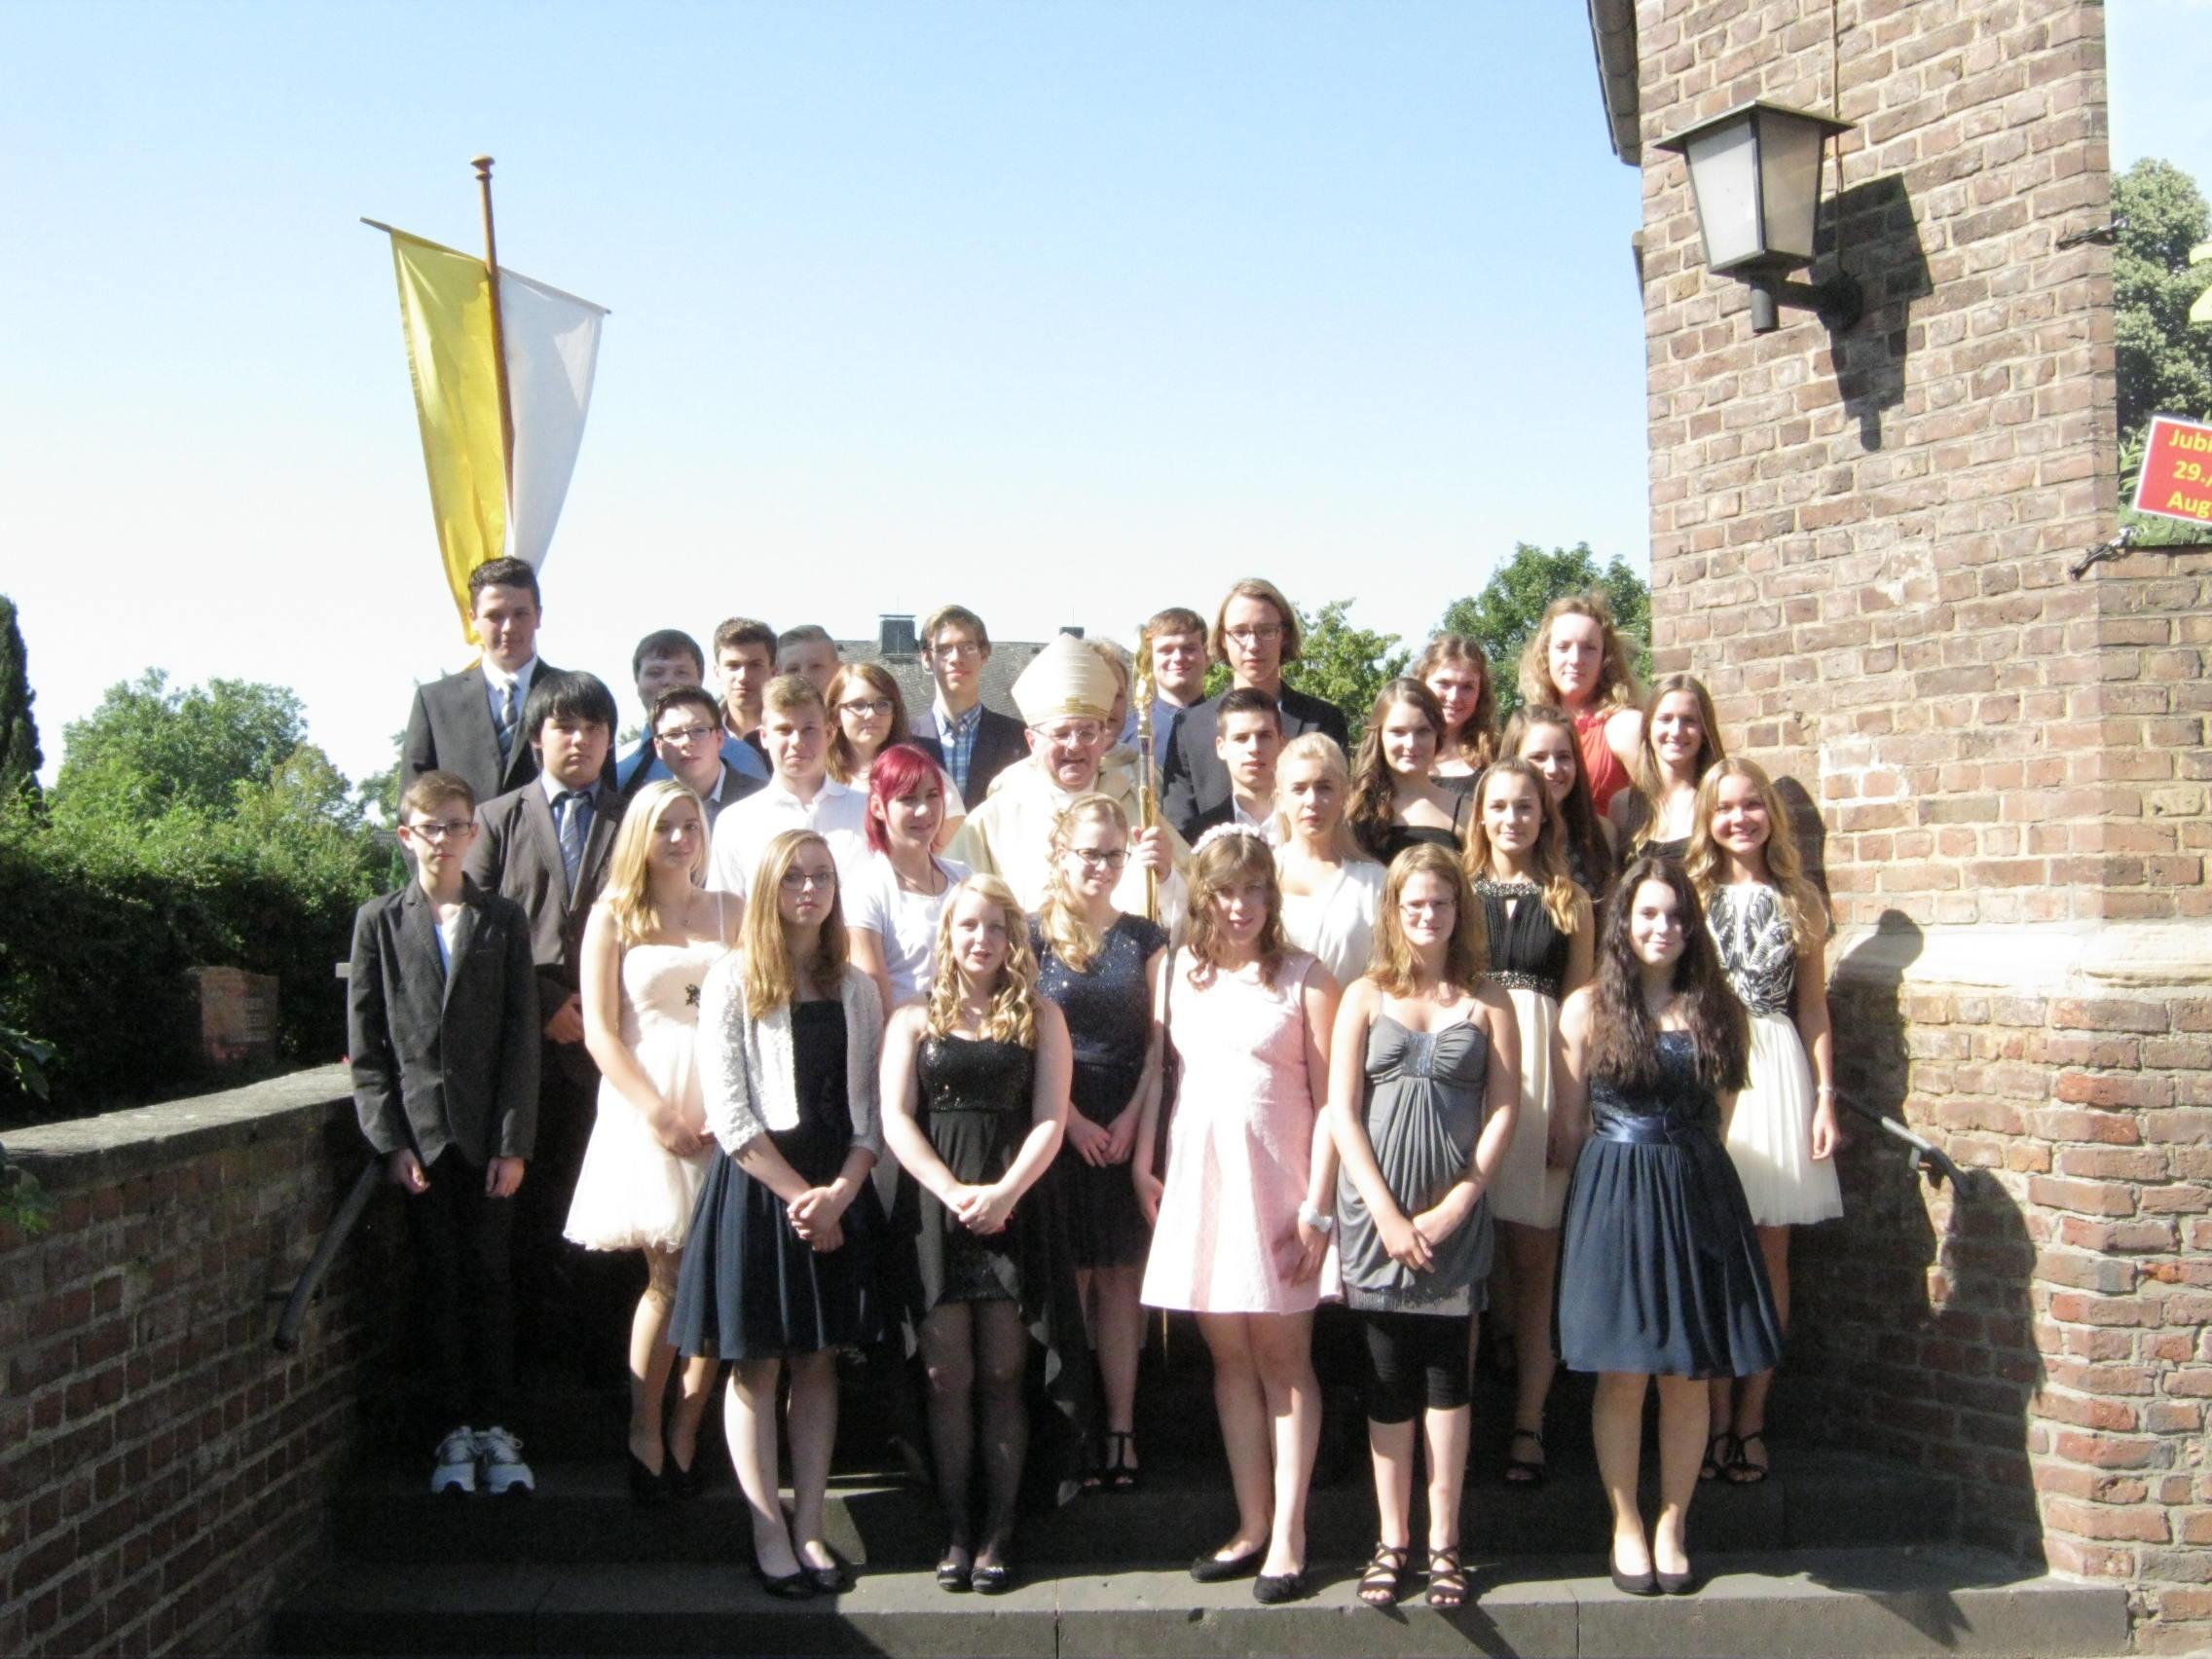 Festliches Hochamt mit Firmung zum 850-jährigen Kirchenjubiläum – Bischof Dr. Heinrich Mussinghoff zu Gast an St. Cäcilia